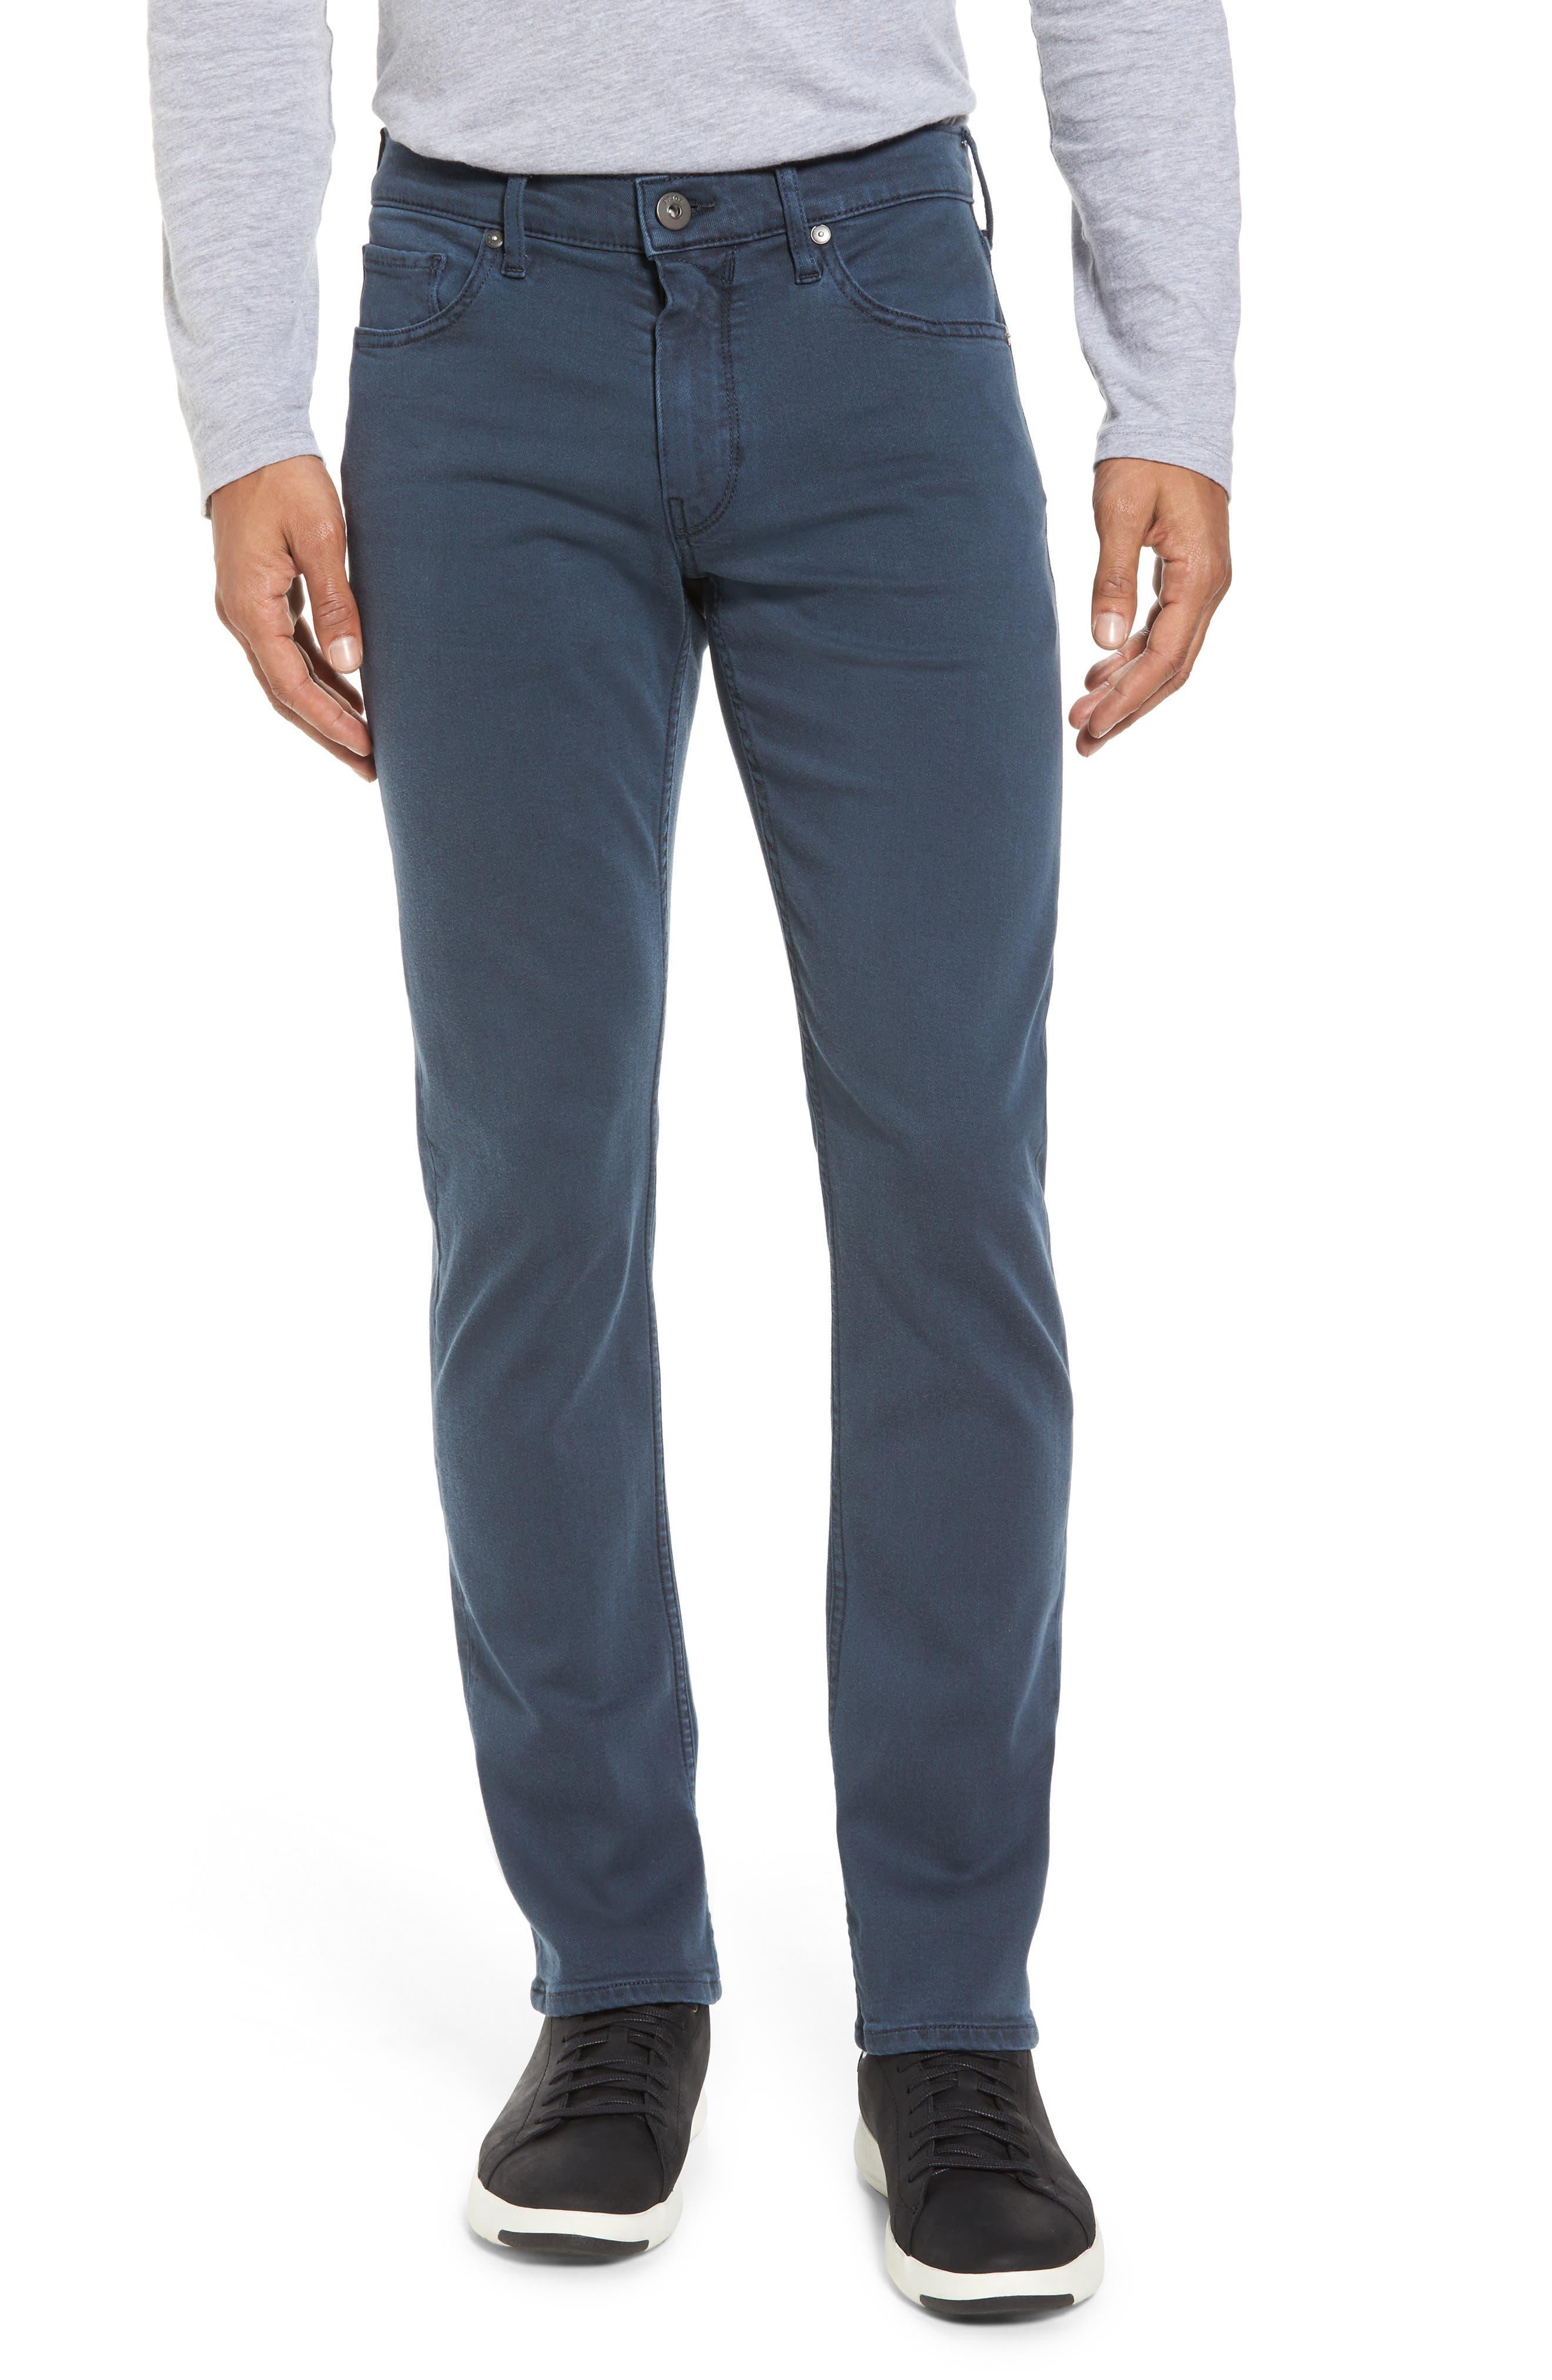 PAIGE Lennox Slim Fit Jeans, Main, color, 400